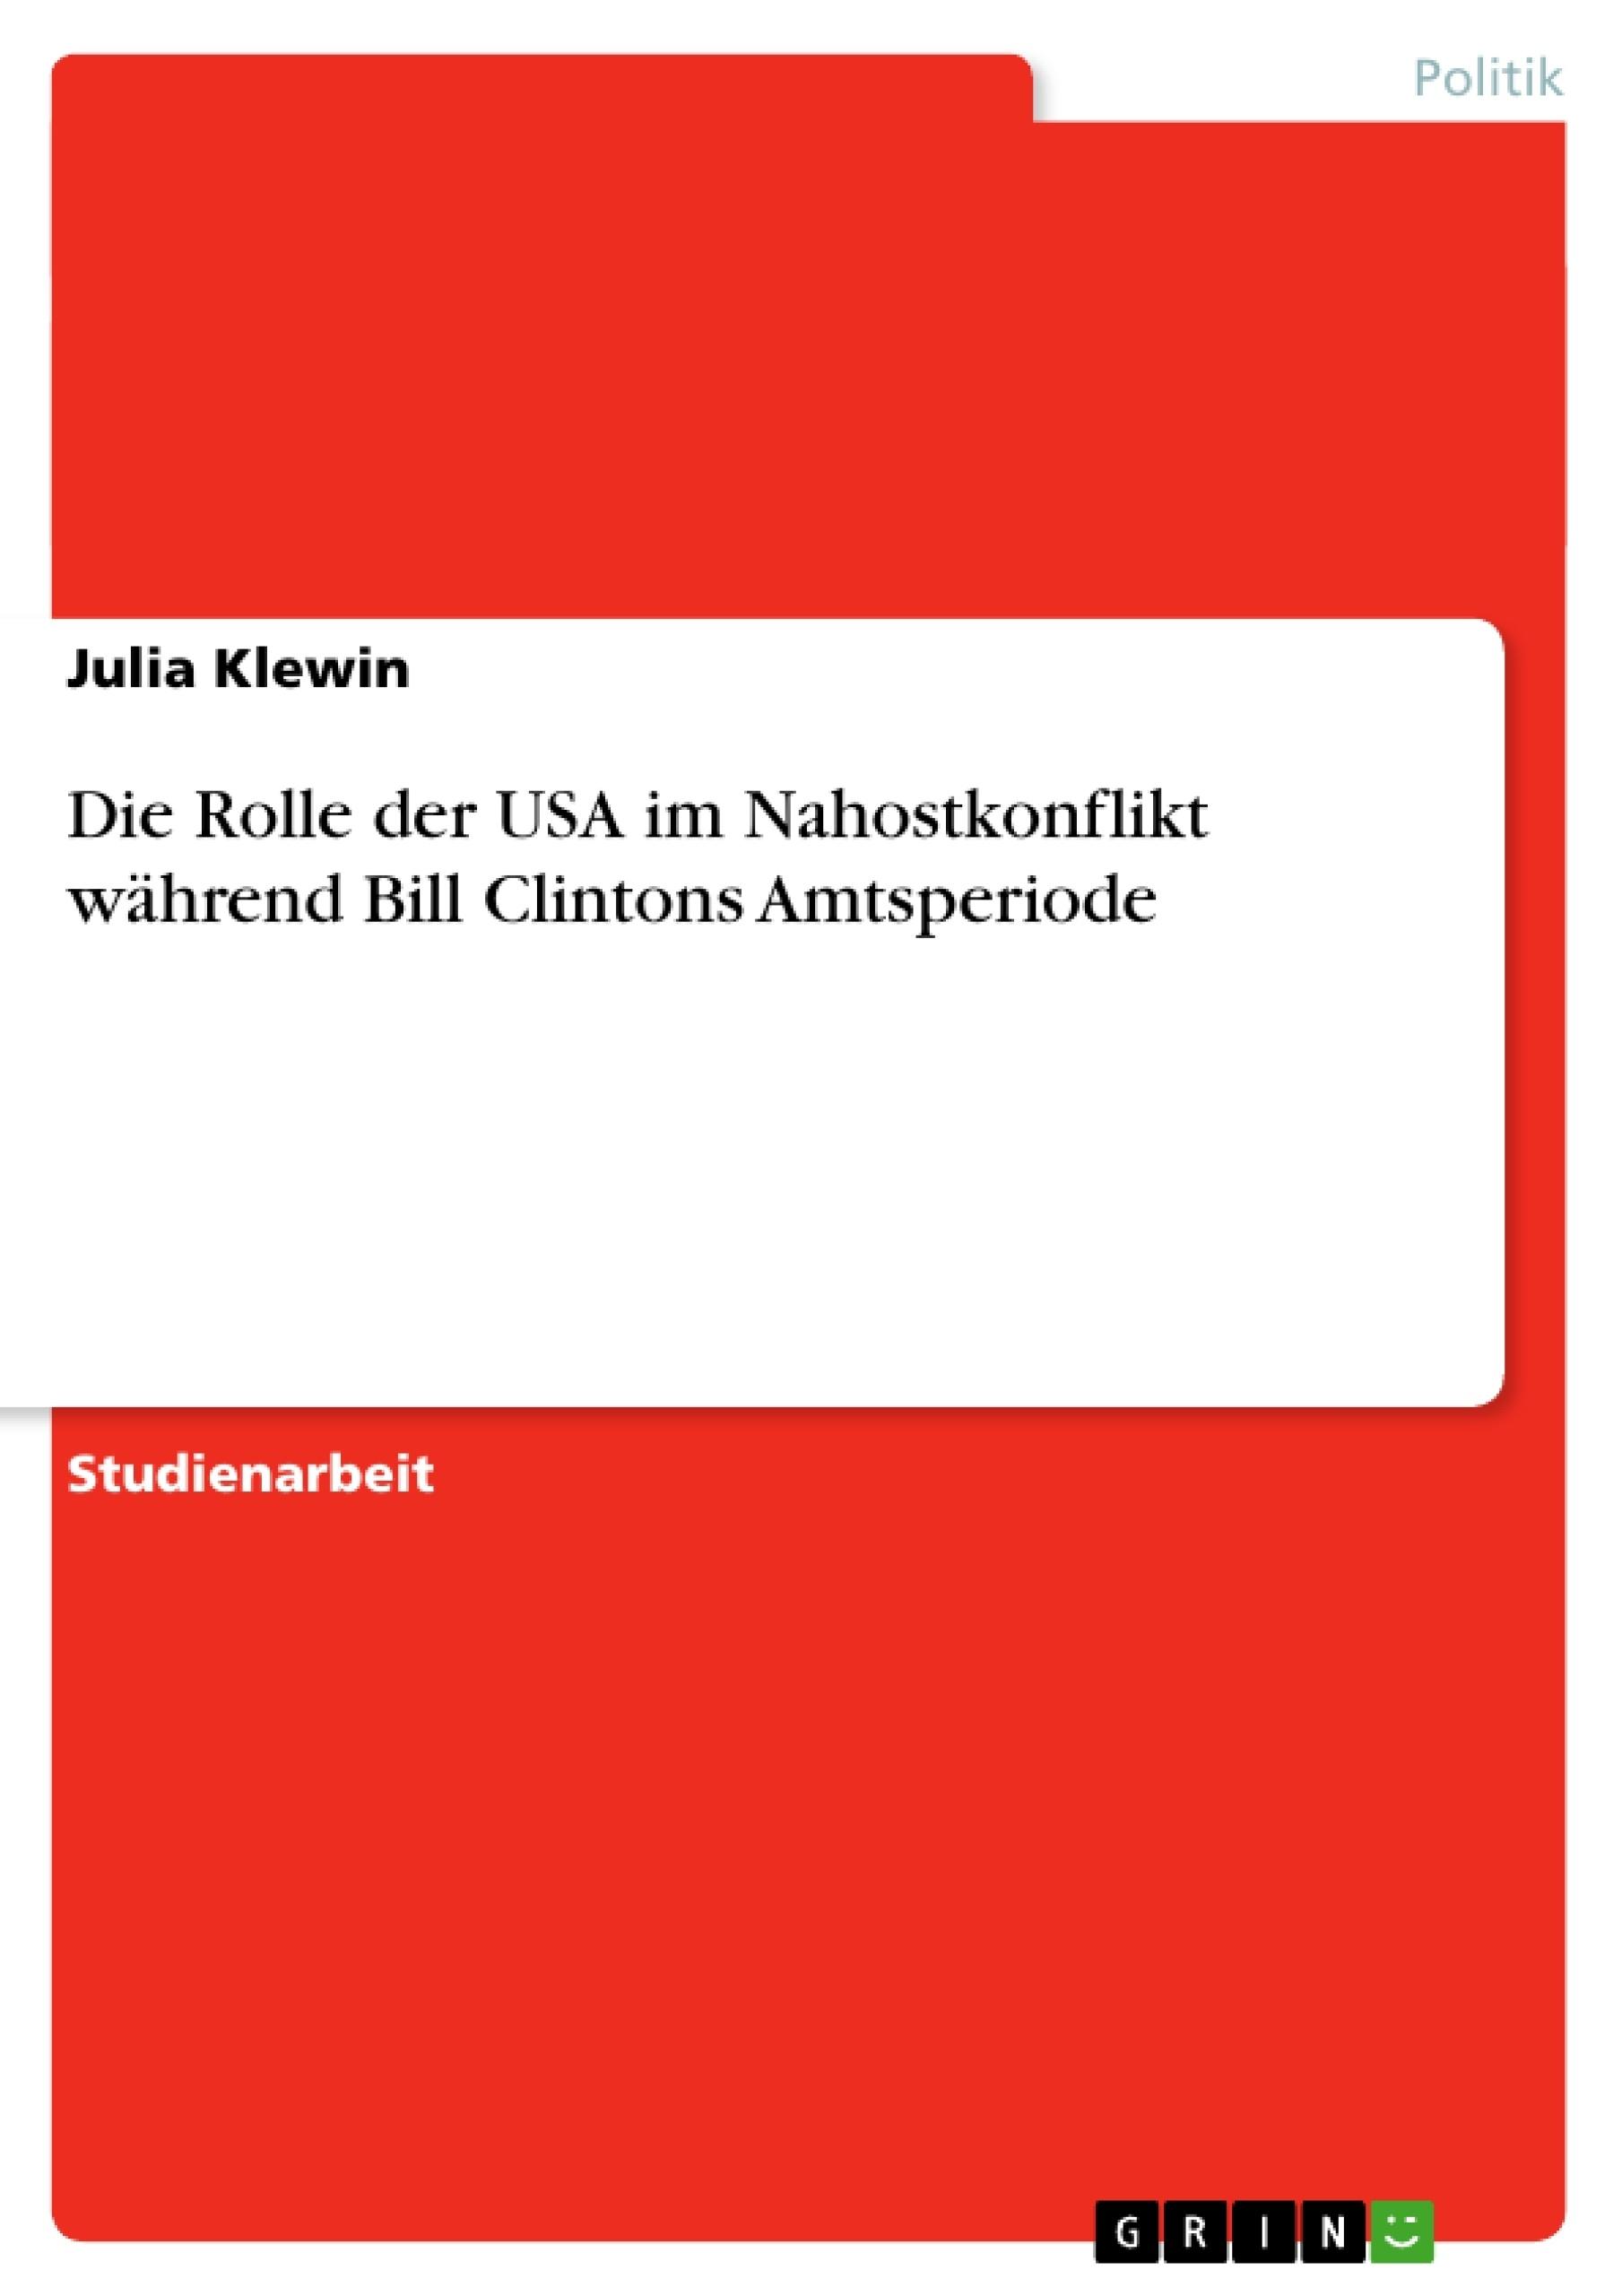 Titel: Die Rolle der USA im Nahostkonflikt während Bill Clintons Amtsperiode